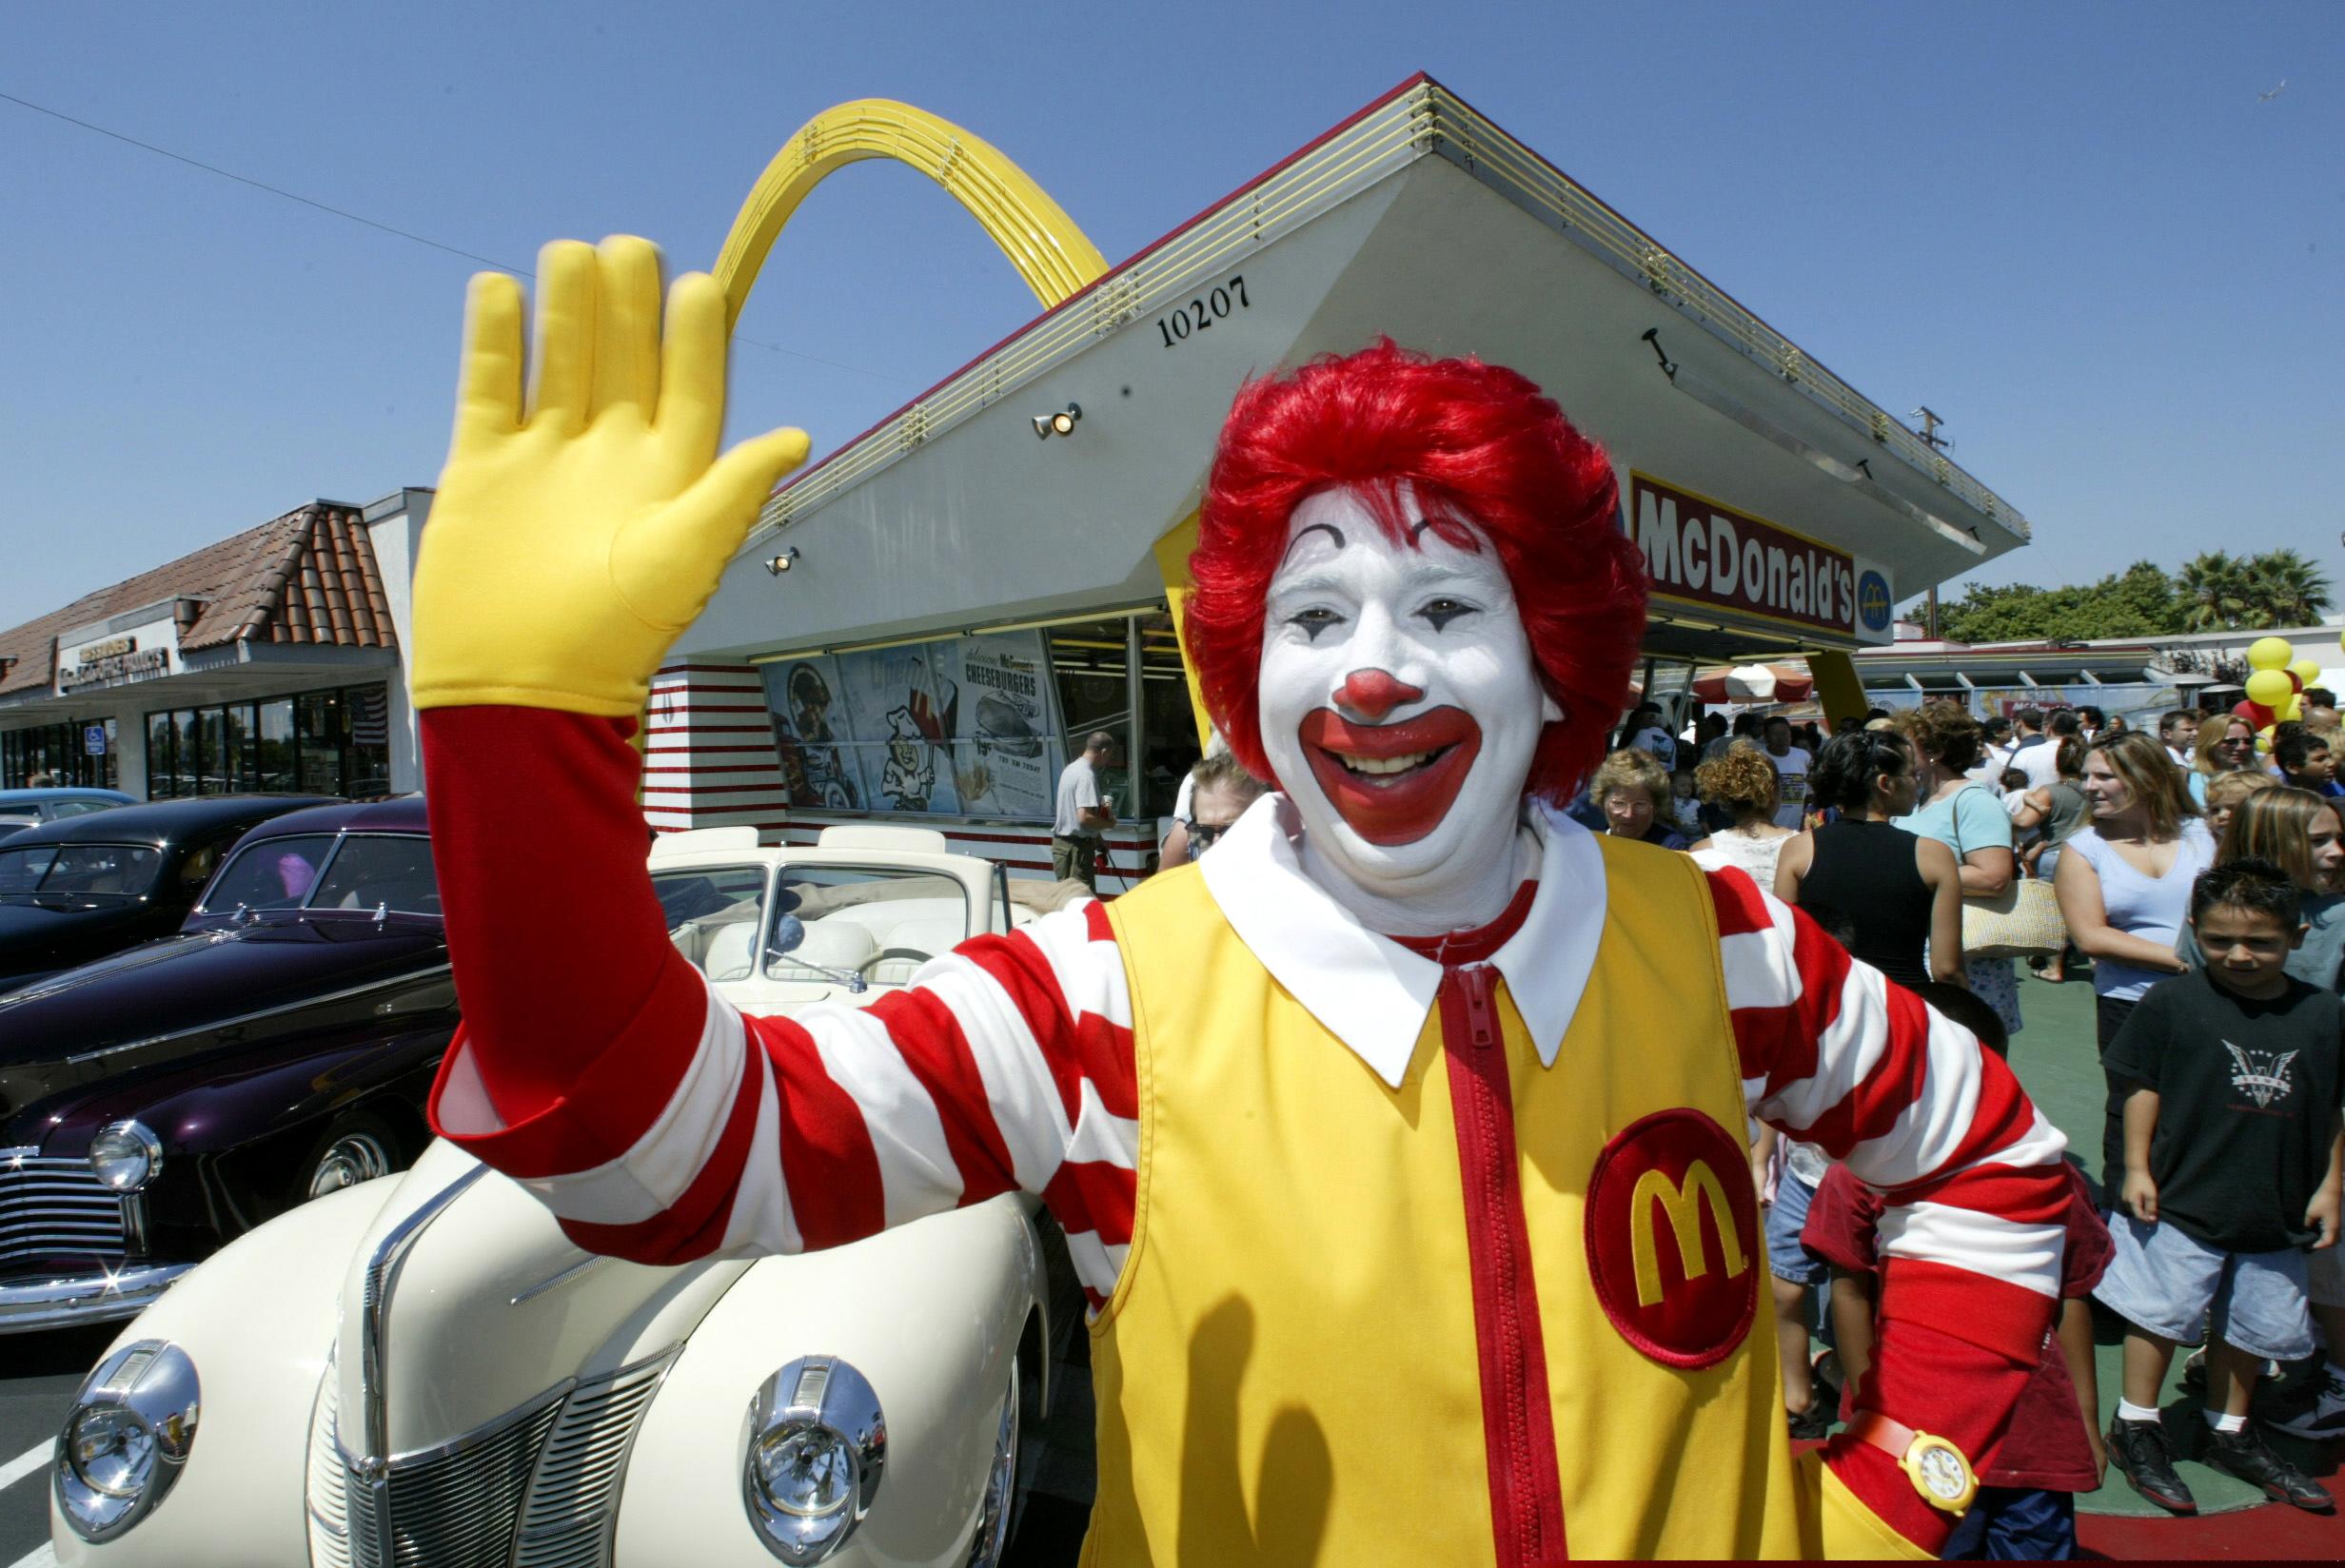 trois-encadrants-travaillant-dans-des-fast-food-mcdonald-s-ont-ete-condamnes-pour-avoir-mis-en-place-un-vaste-systeme-de-corruption